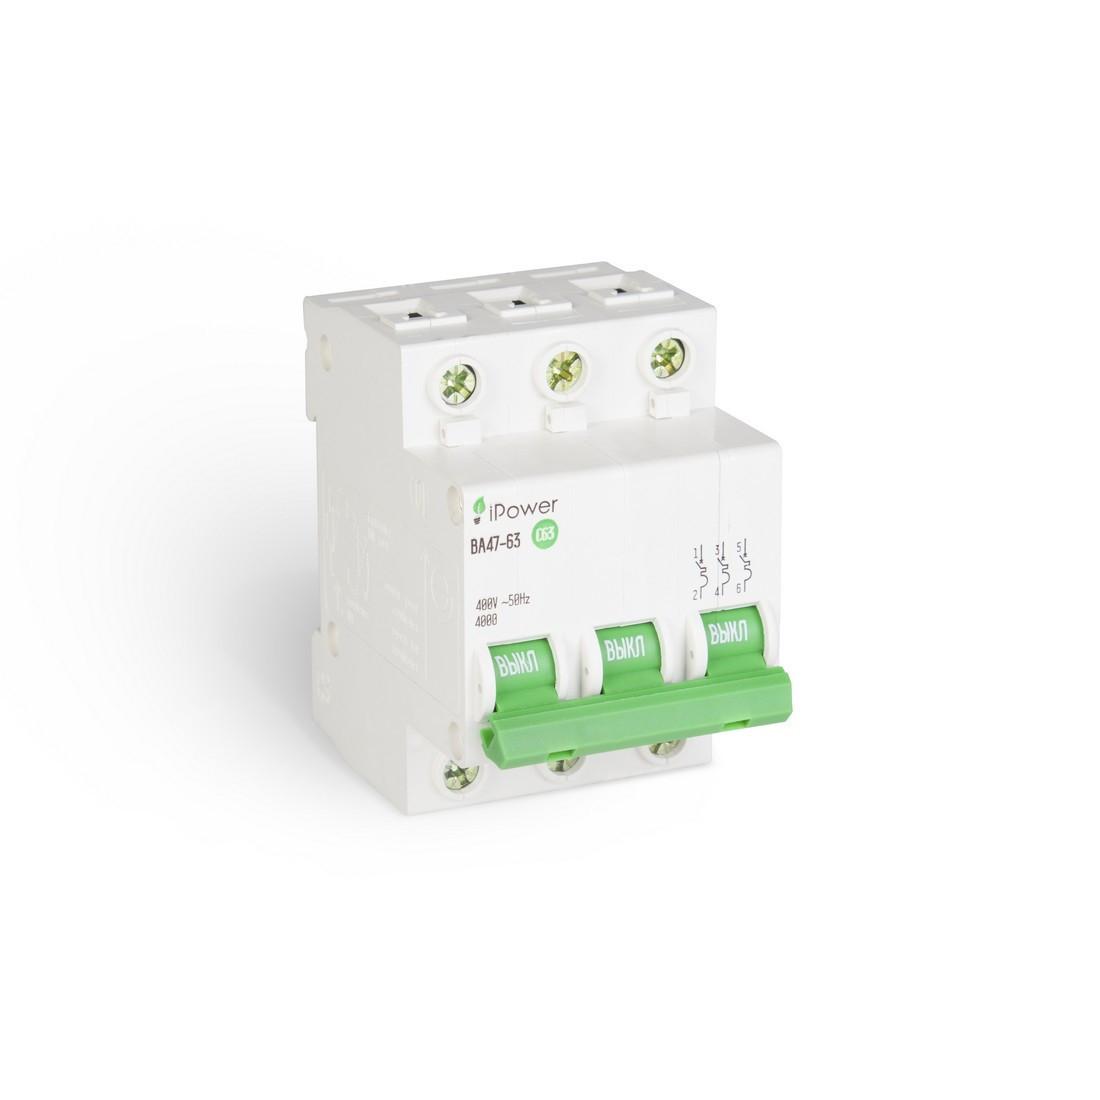 Автоматический выключатель реечный iPower ВА47-63 3P 6А, 230/400 В, Кол-во полюсов: 3, Предел отключения: 4,5